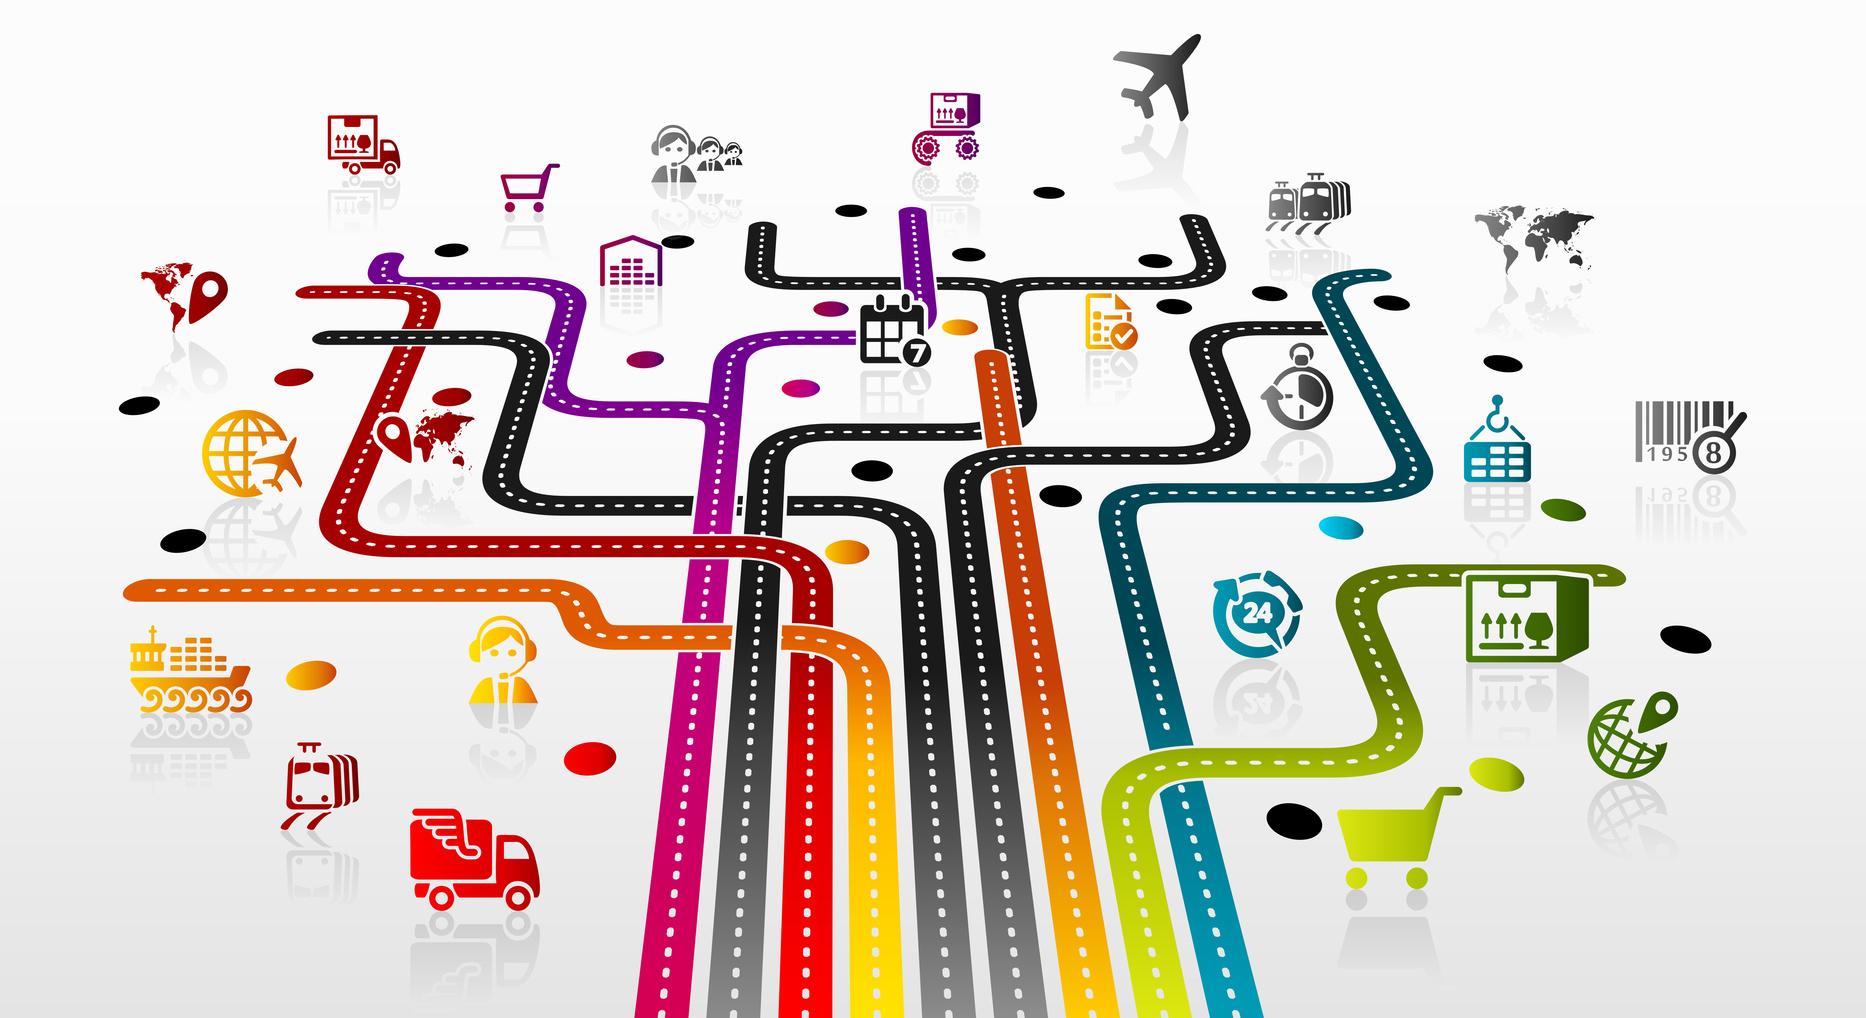 Интернет вещей и логистика, ч. 3: случаи использования, факторы успеха IoT